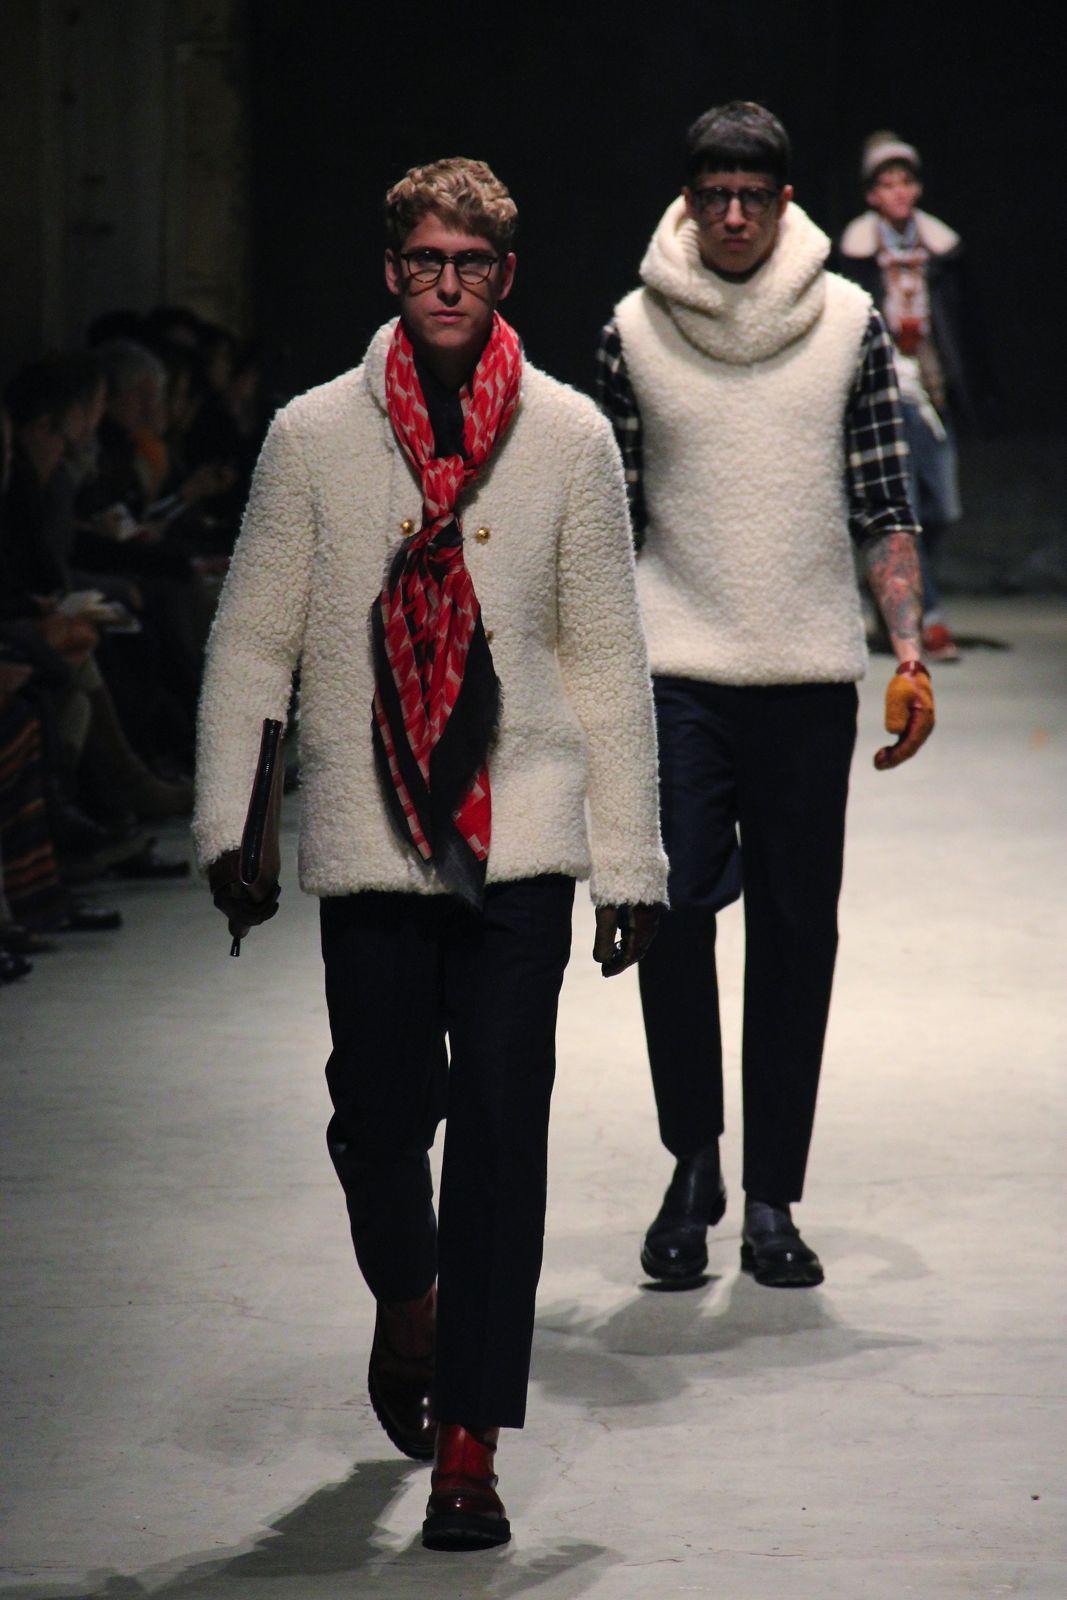 Andrea Pompilio Men Collection Fall Winter 2012-13 Pitti Immagine Uomo